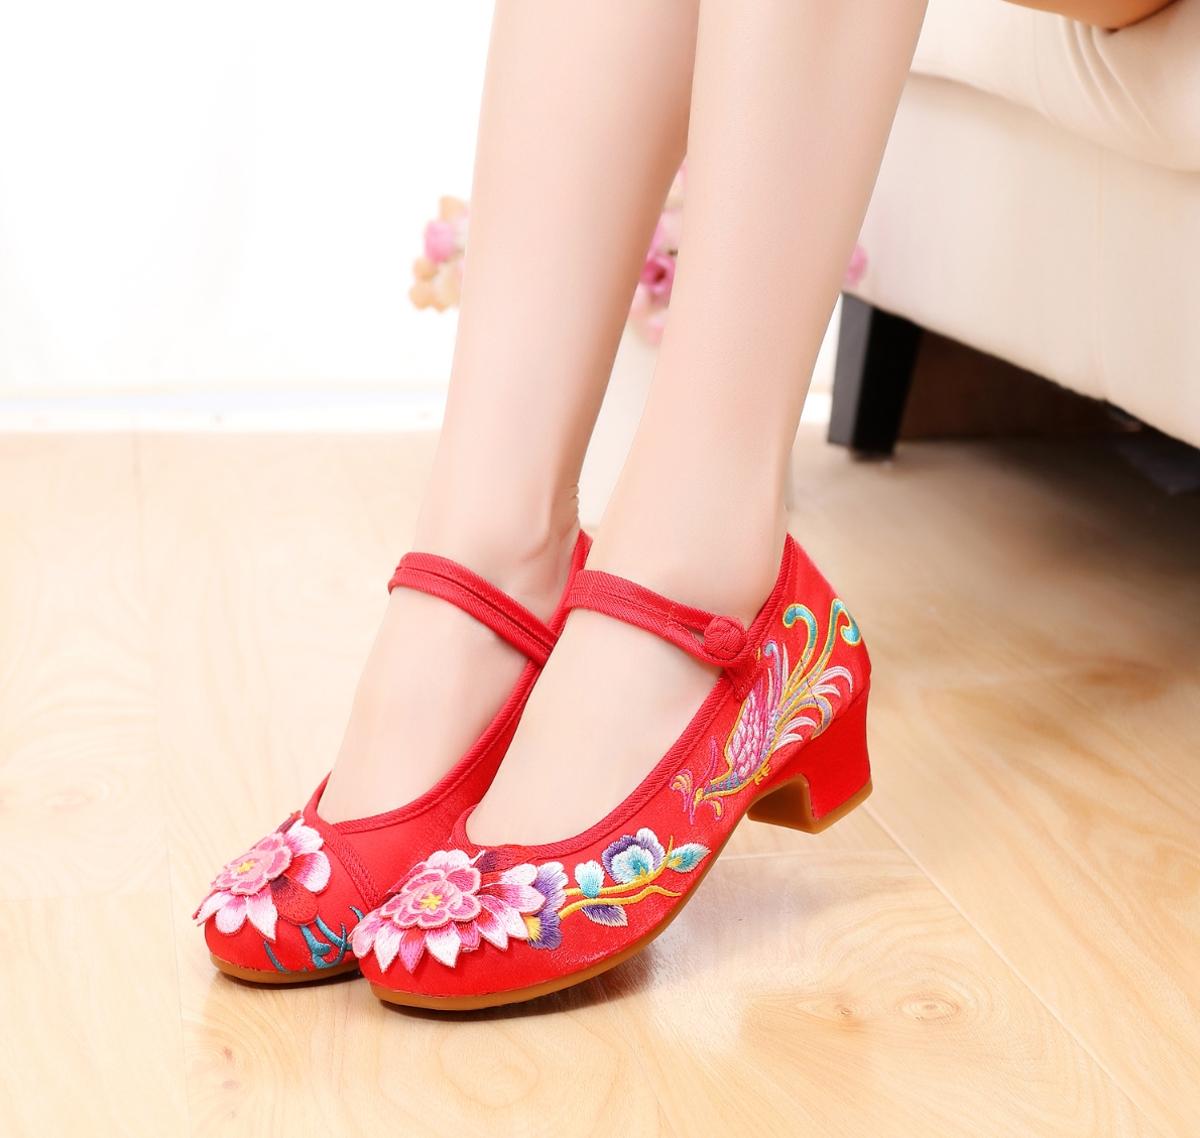 坡跟鞋 民族绣花鞋坡跟中国风粗跟红色复古鞋2019新款小跟鞋老北京布鞋女_推荐淘宝好看的女坡跟鞋